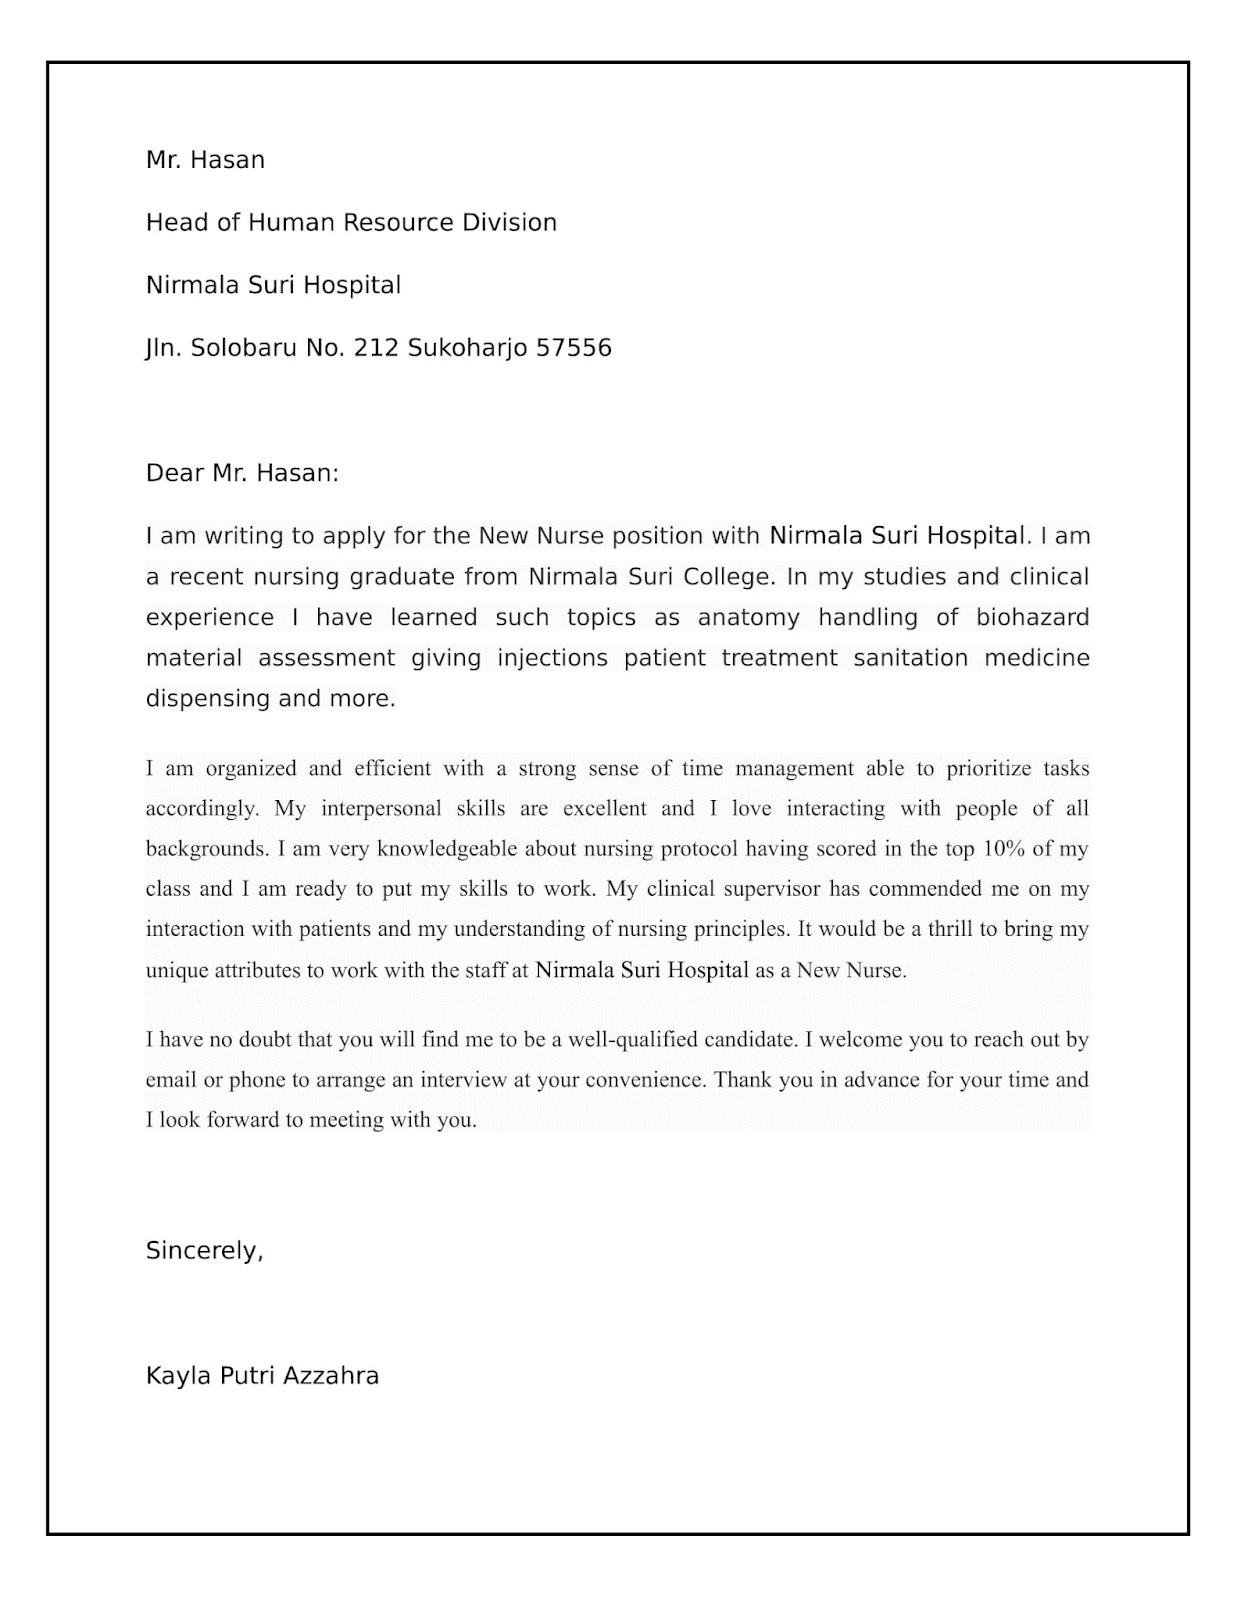 Contoh Surat Lamaran Bahasa Inggris beserta Artinya 7